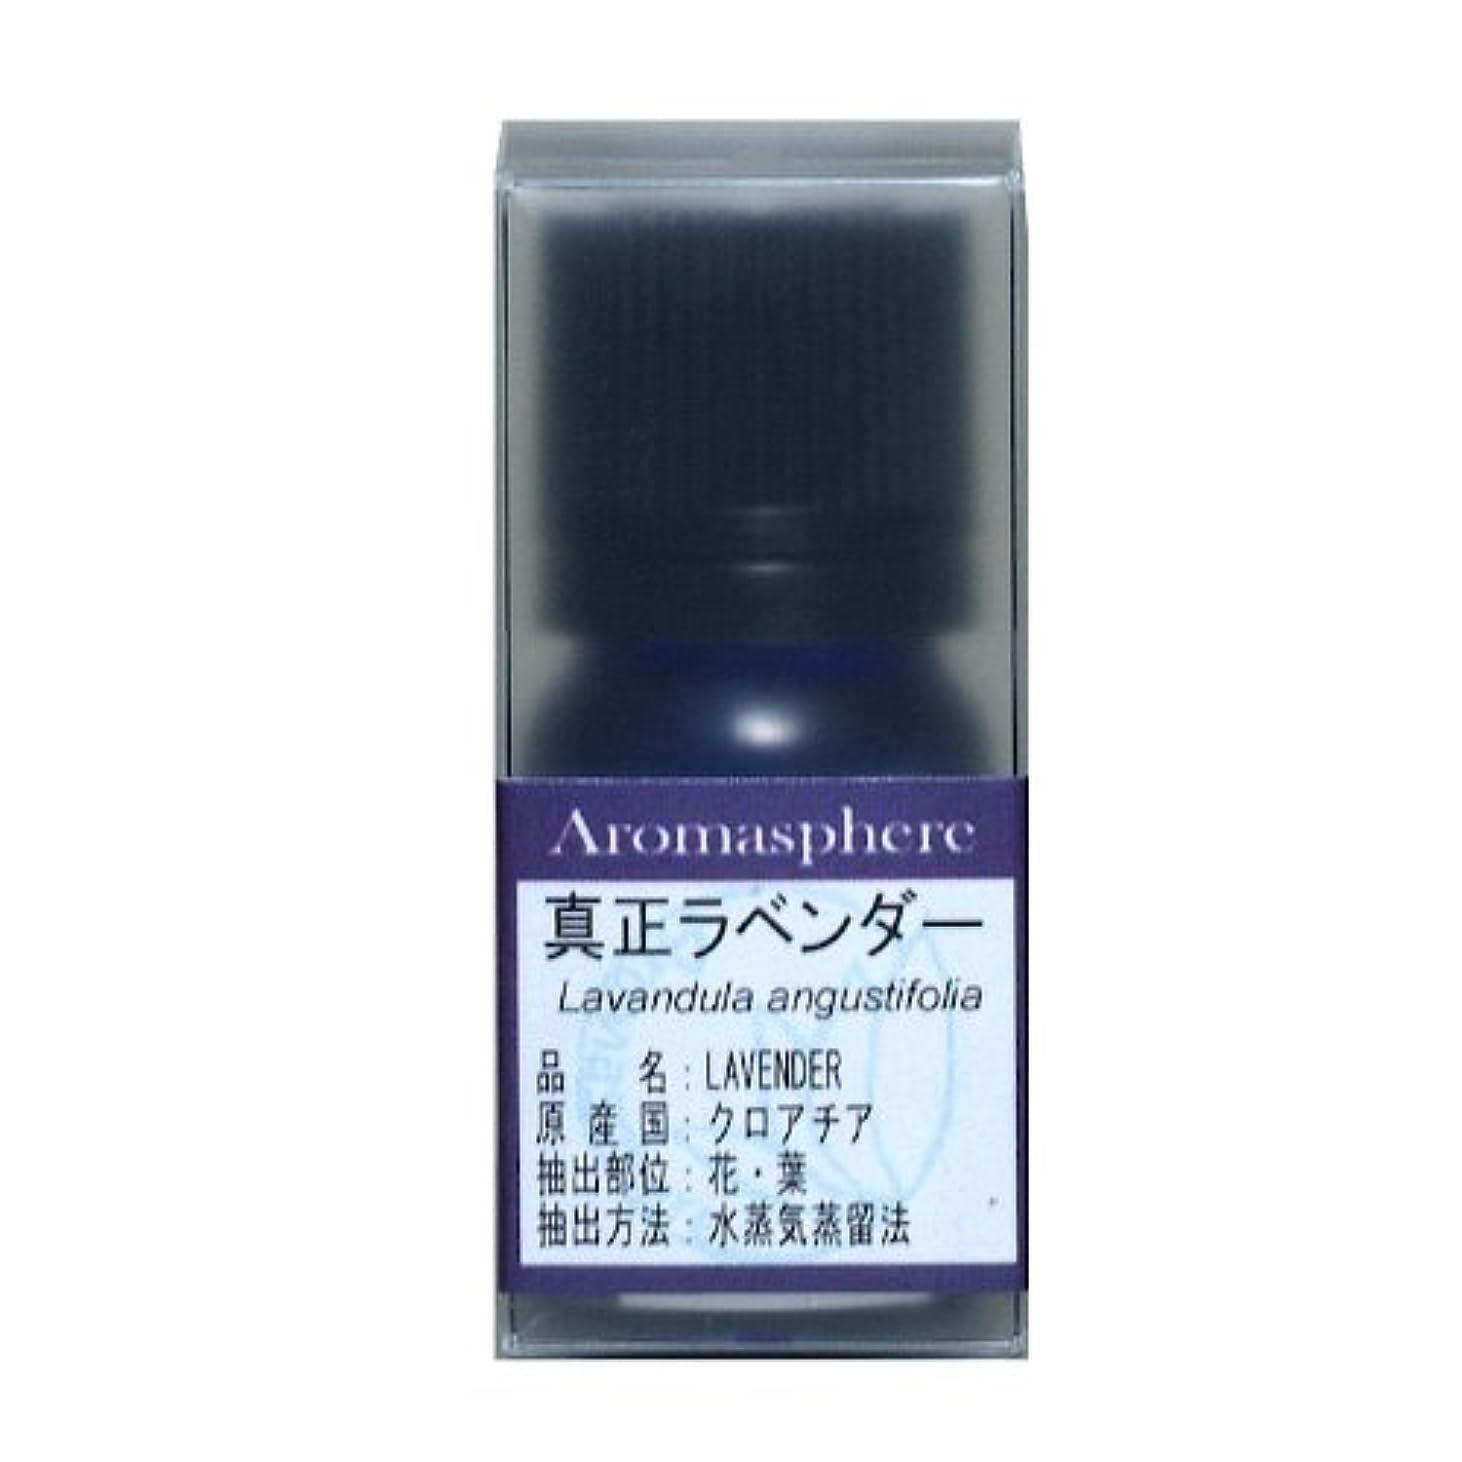 抑圧聡明犬【アロマスフィア】真正ラベンダー 5ml エッセンシャルオイル(精油)